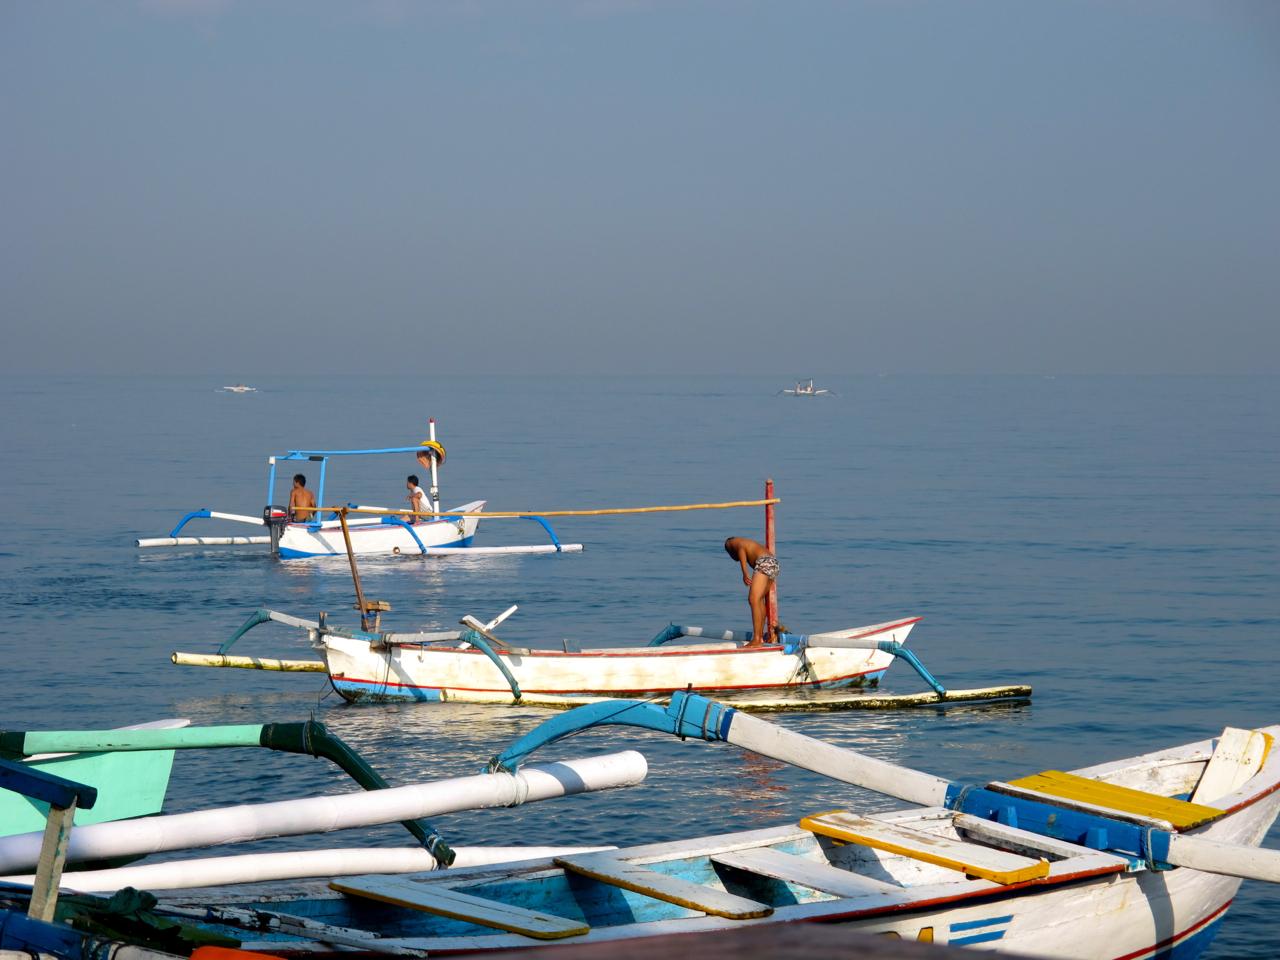 Relaxte Atmosphäre vor der Nordküste Balis. Lovinas Fischer bereiten sich auf den nächsten Fang vor.